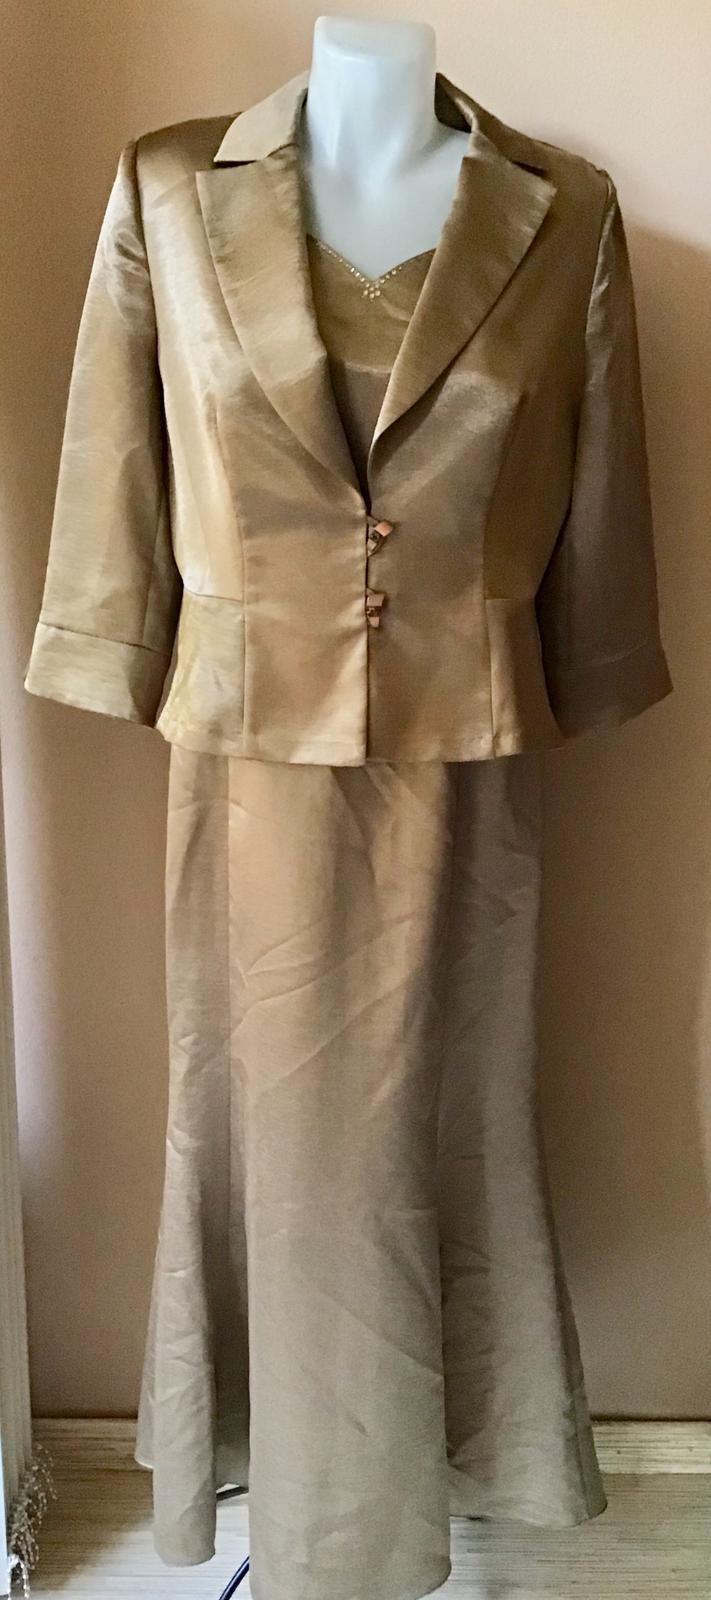 Šaty a sačko - Obrázok č. 1